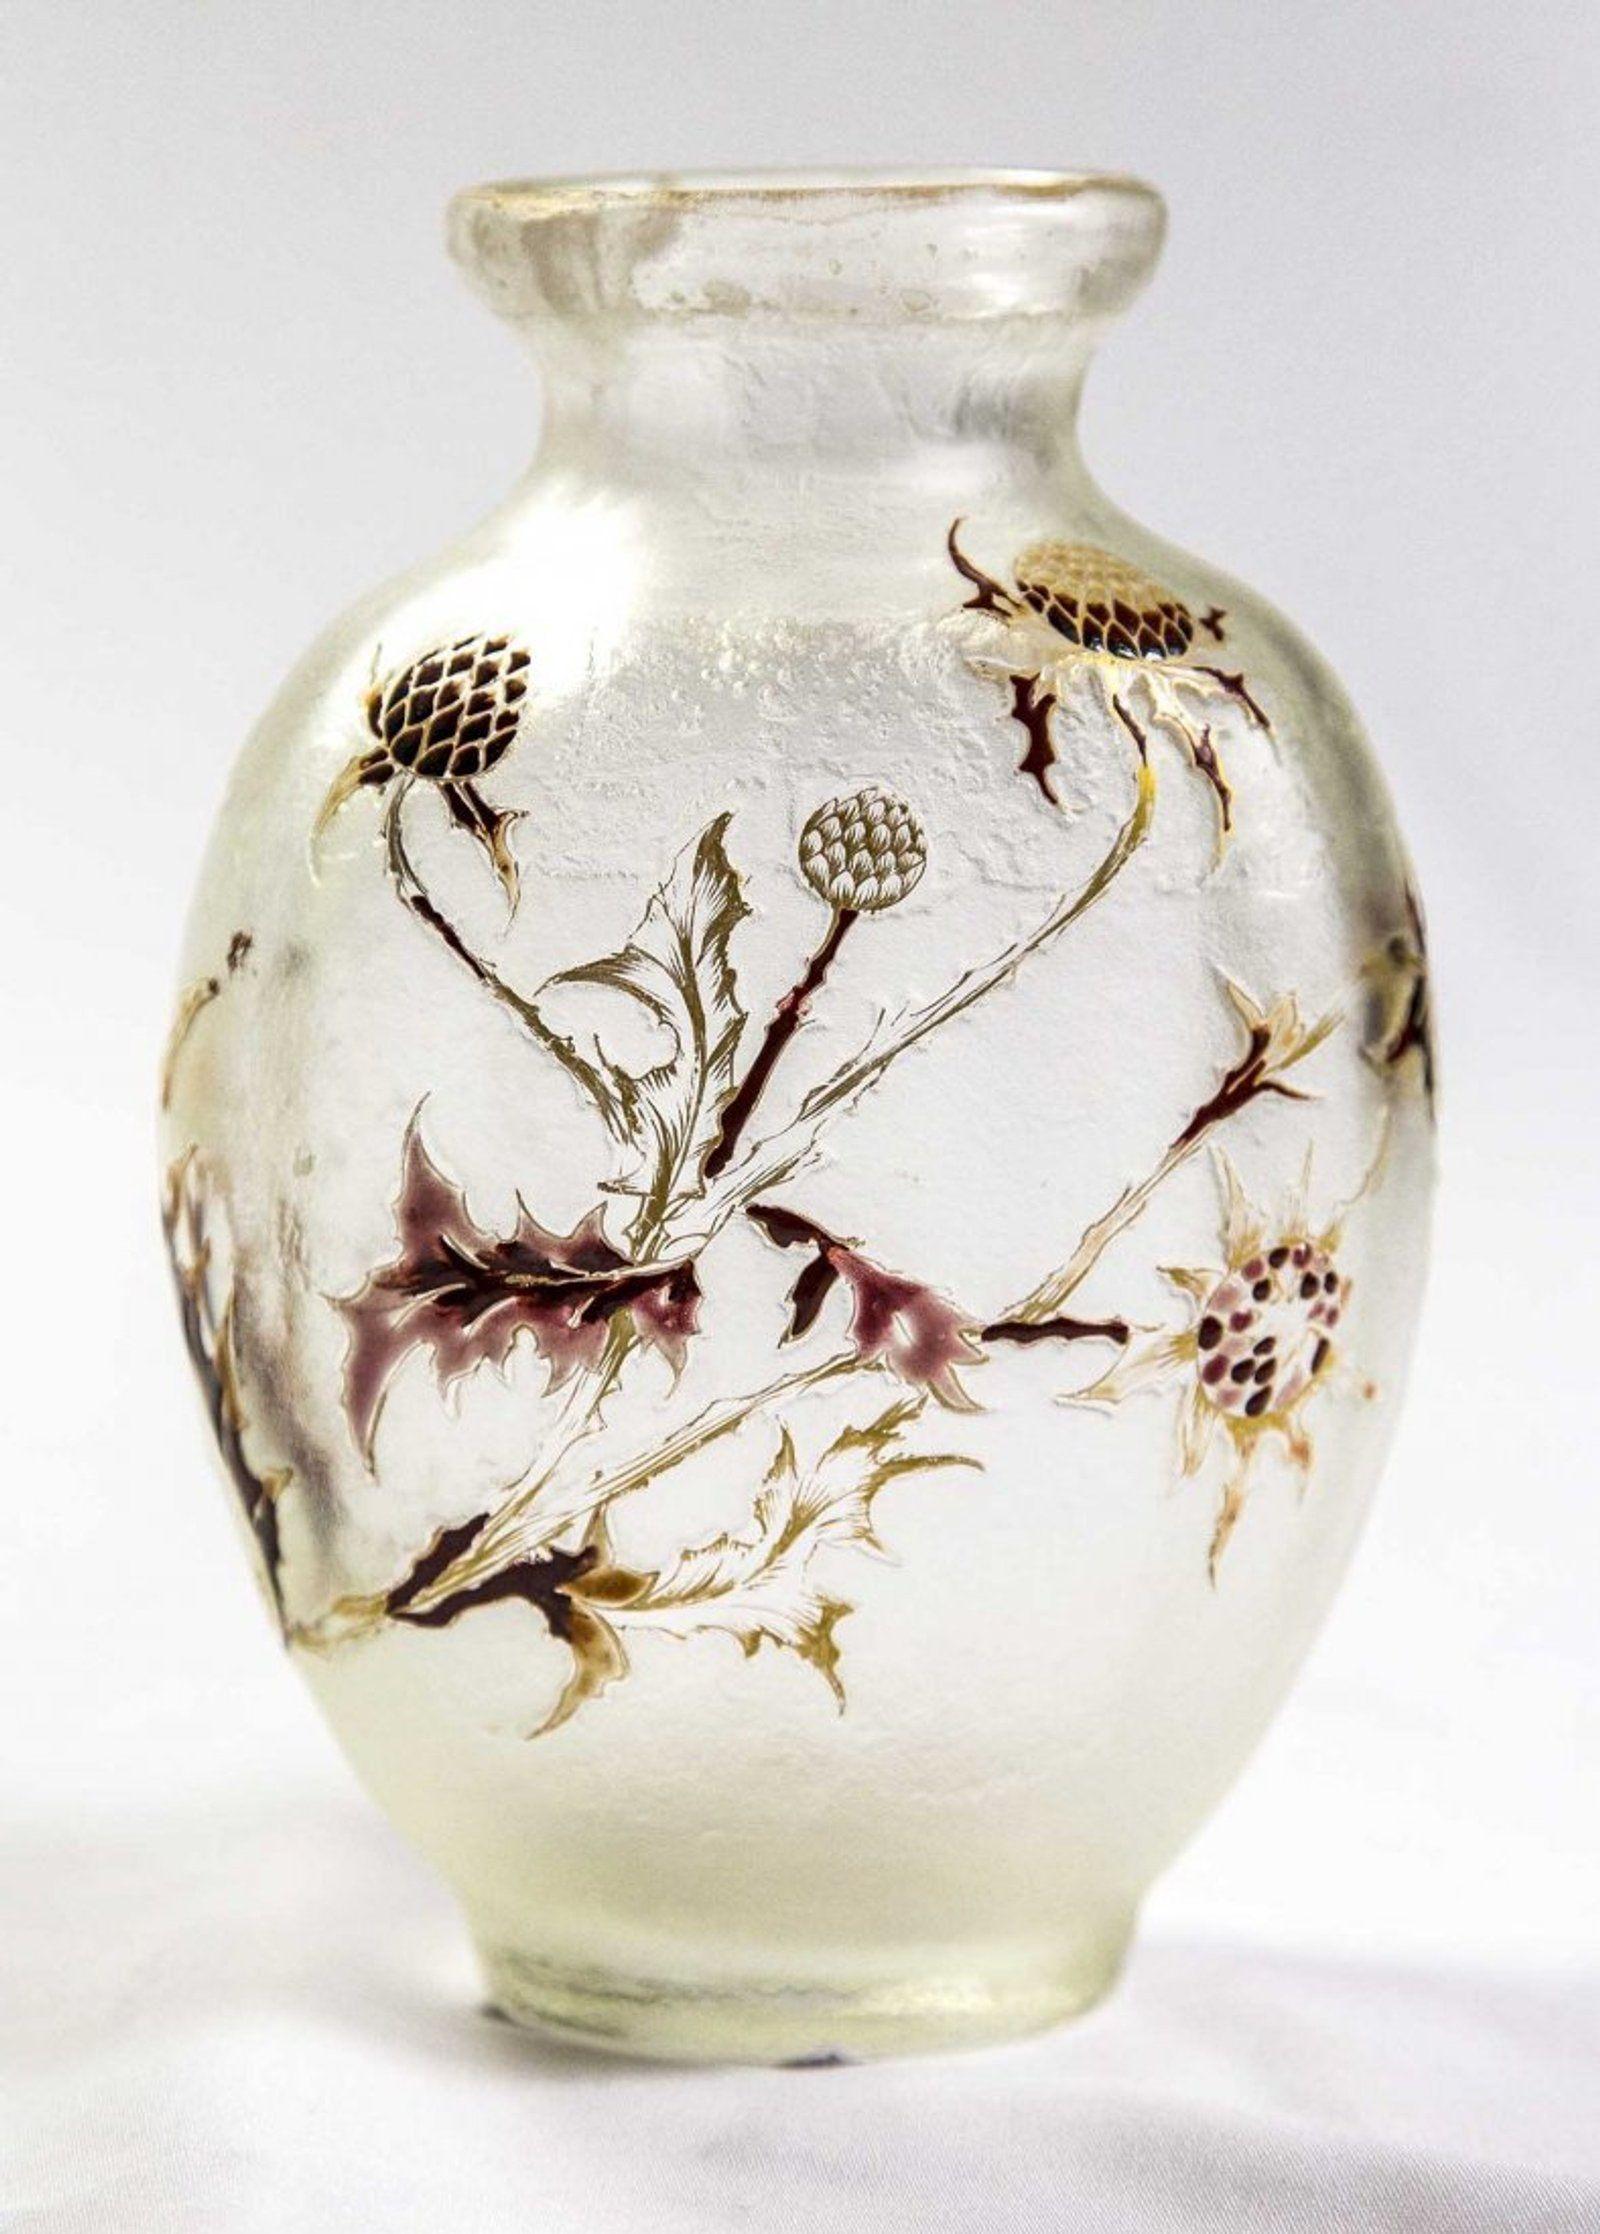 cameo glass vase of emile galla‰ tri color cameo glass landscape vase on emile galle inside emile galla‰ tri color cameo glass landscape vase 6